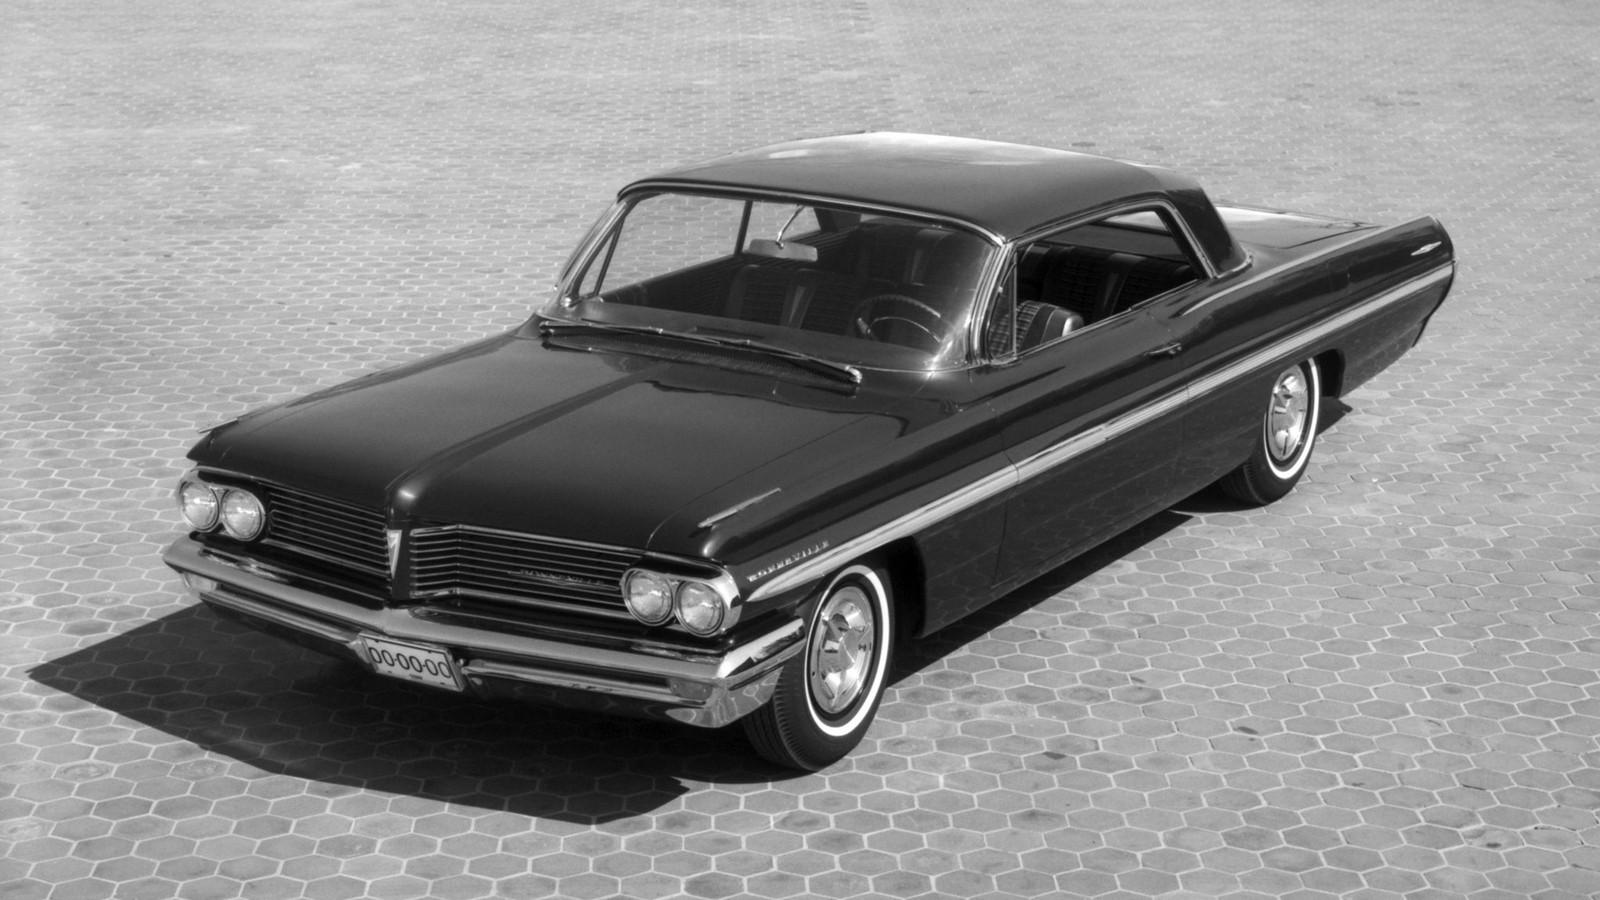 1962 Pontiac Bonneville 2-door Hardtop